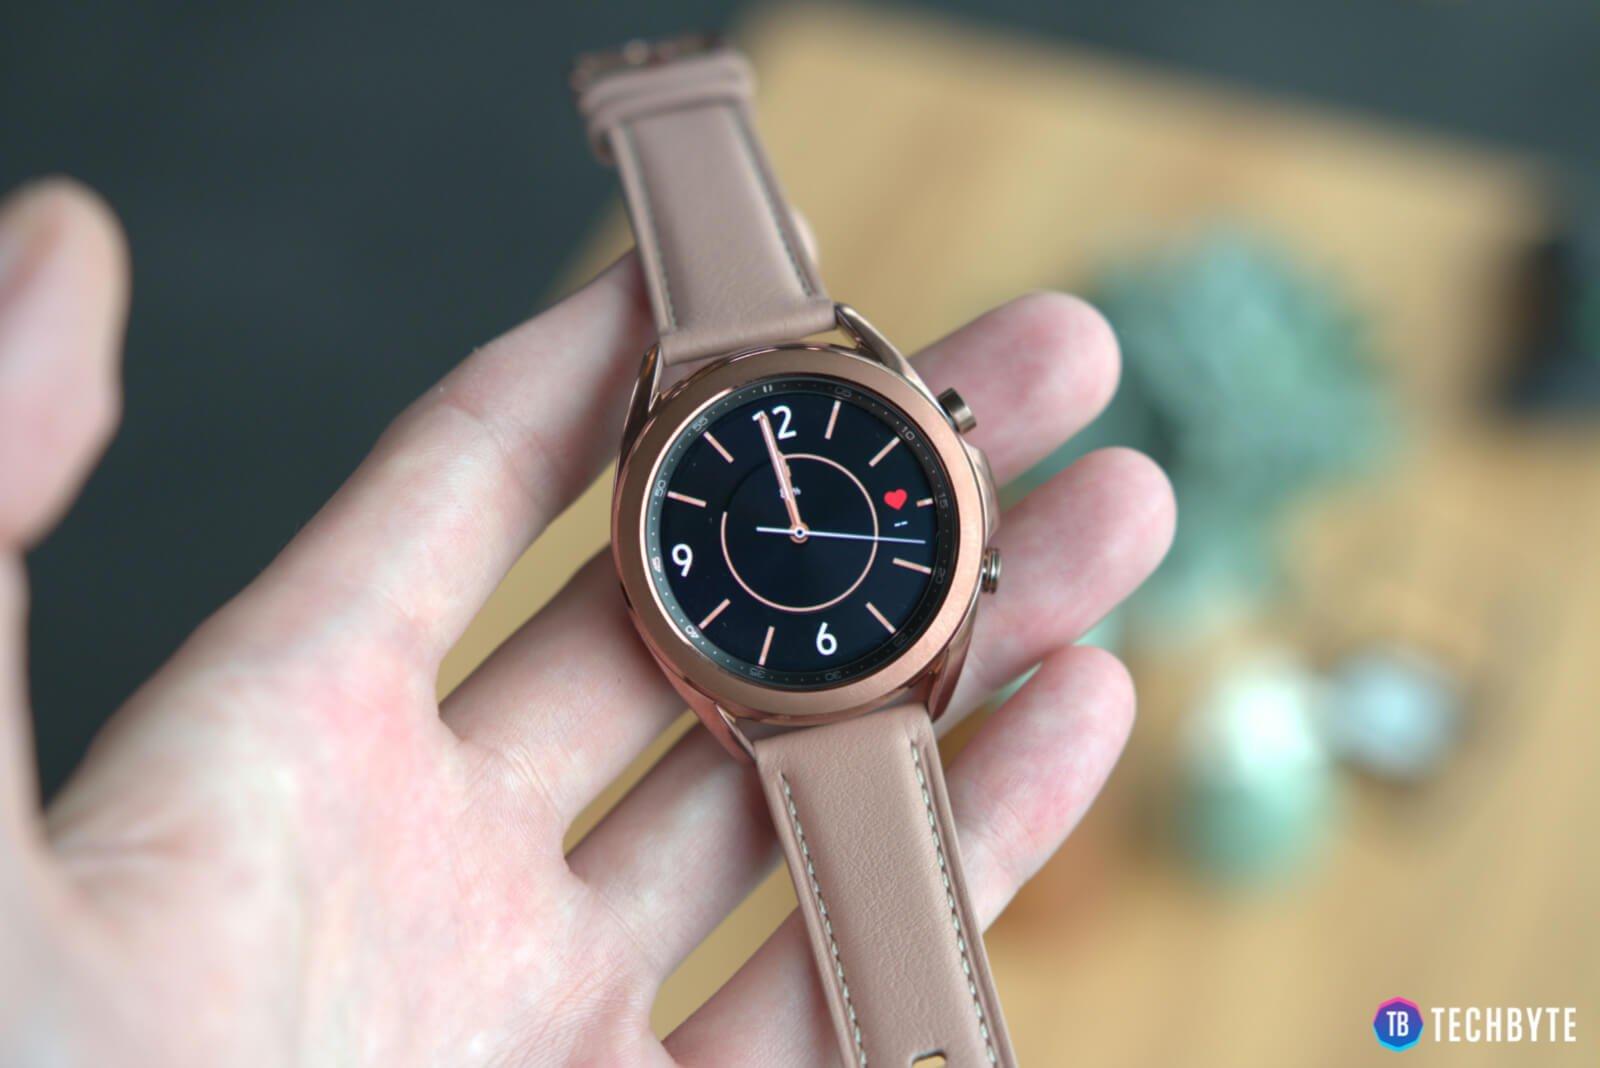 Galaxy watch 3 6 1